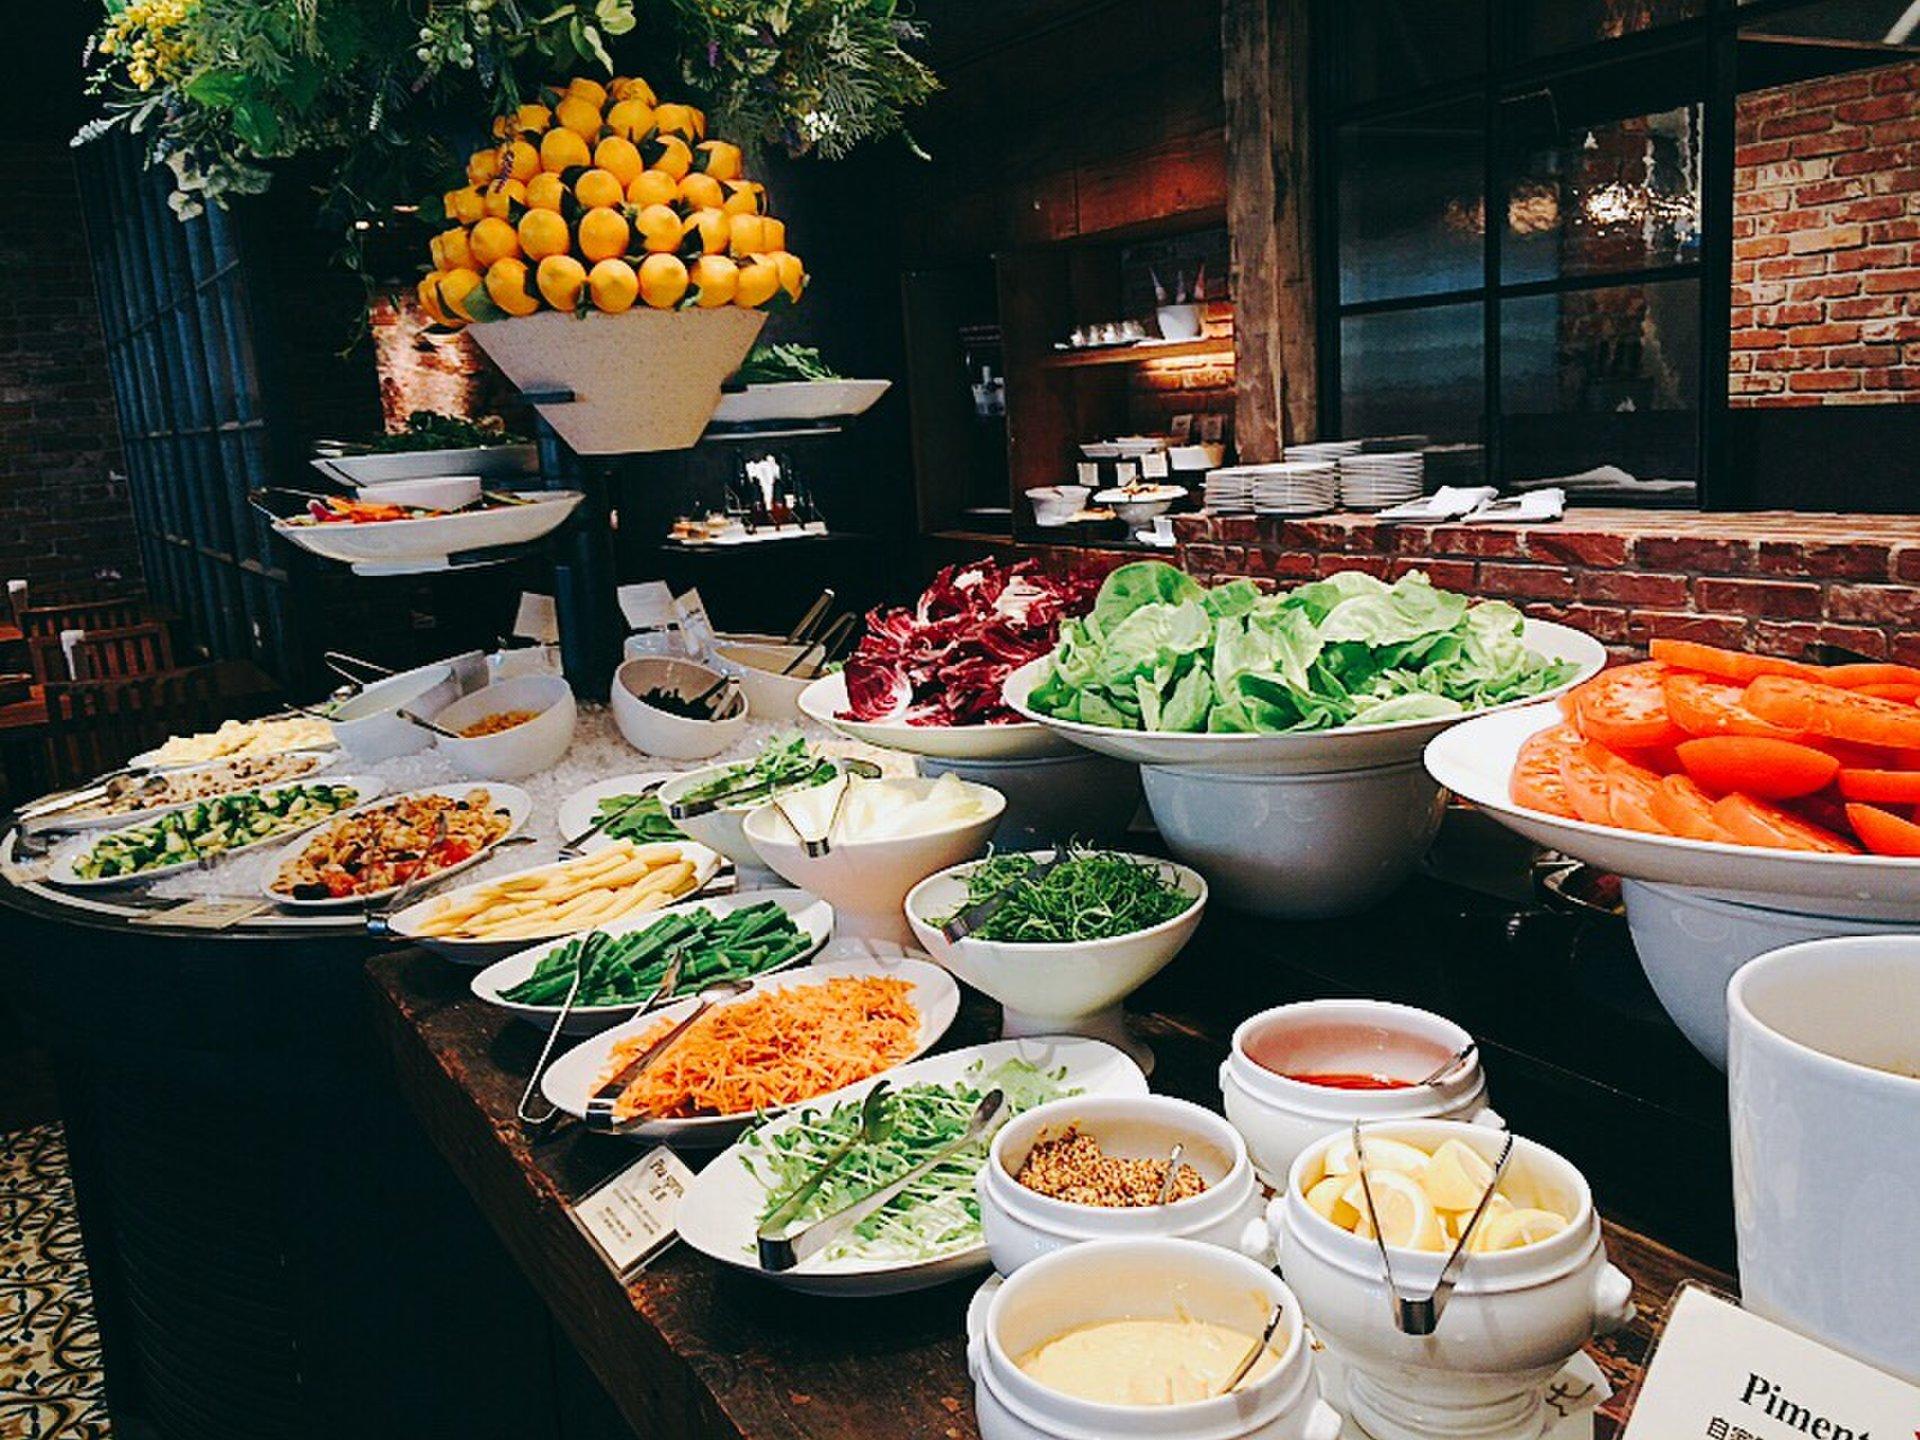 渋谷で食べ放題ならここ!焼肉・チーズ・パンから変わり種まで15選!